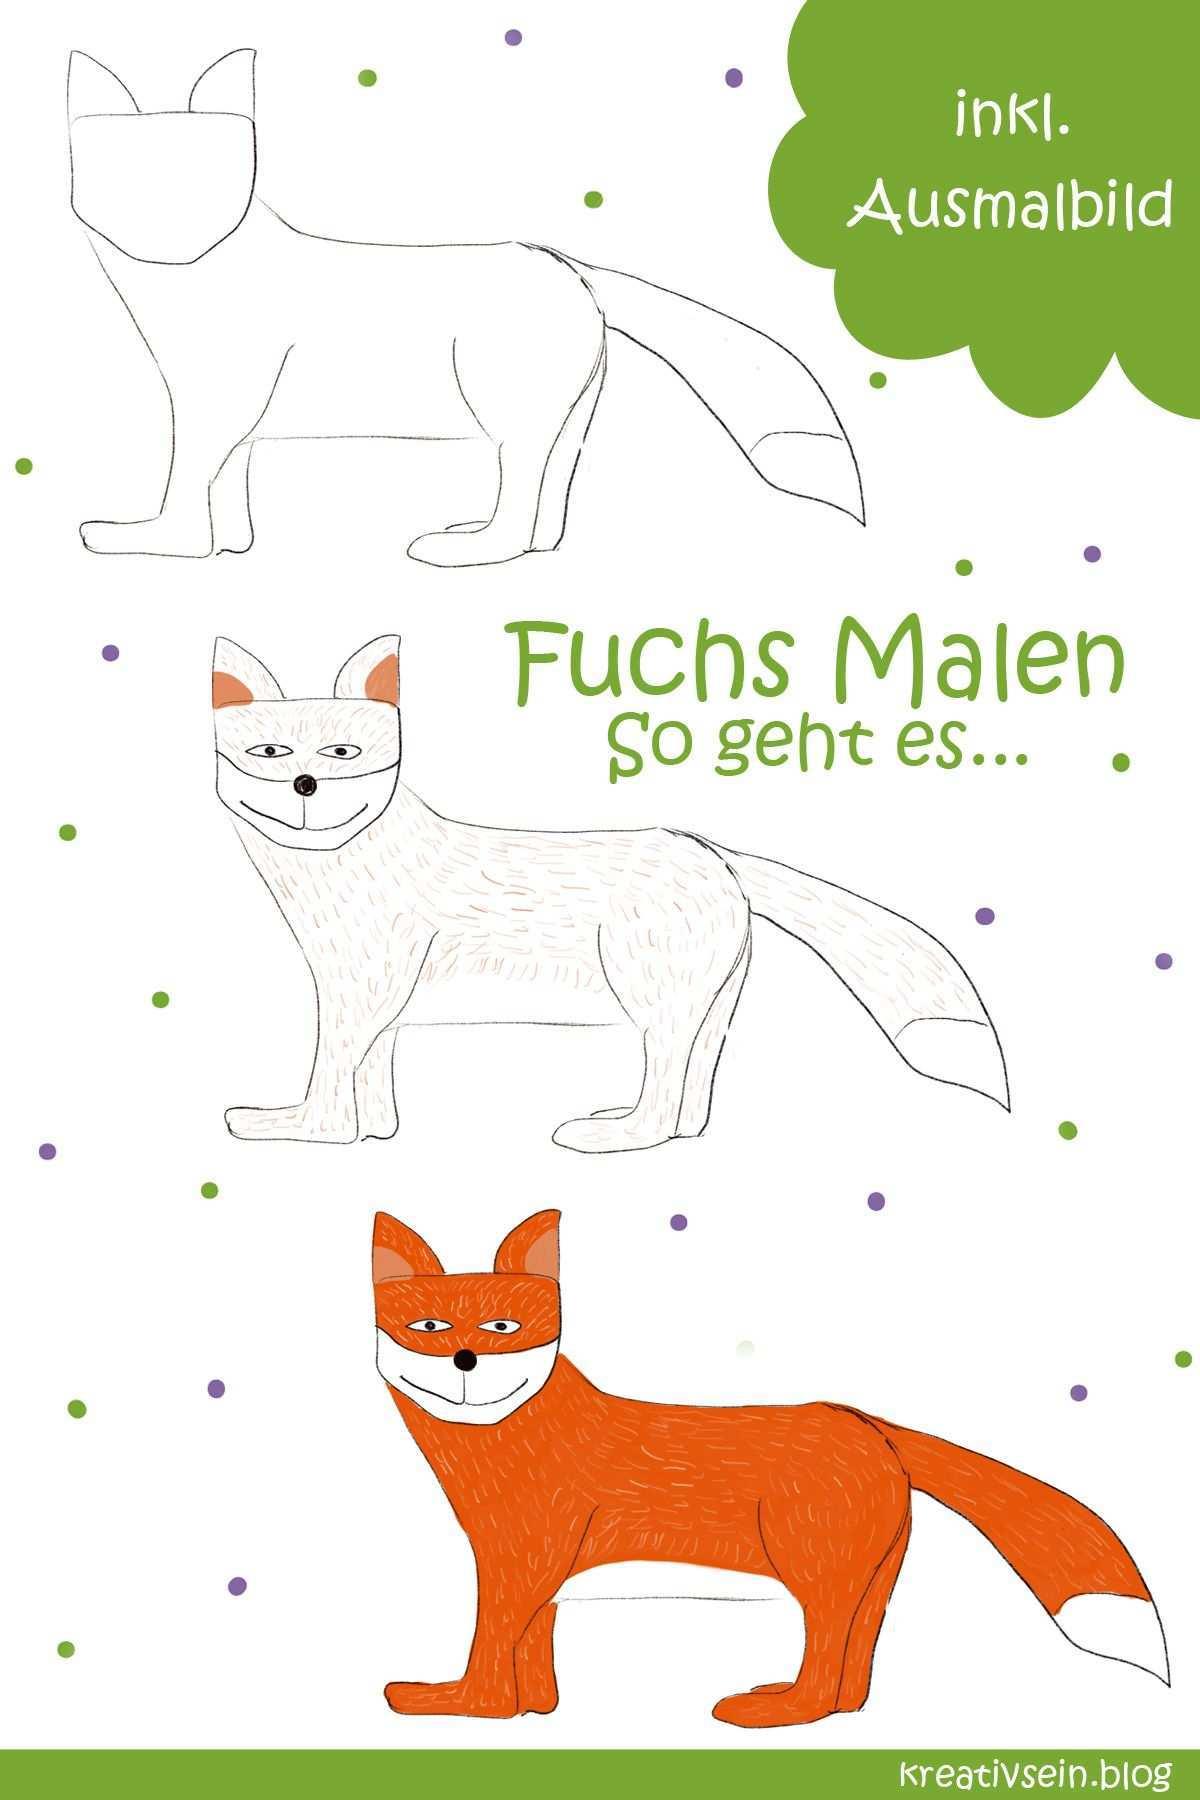 Fuchs Malen Mit Vorlage Geht Es Ganz Einfach Kreativsein Blog Fuchs Zeichnen Malen Ausmalen